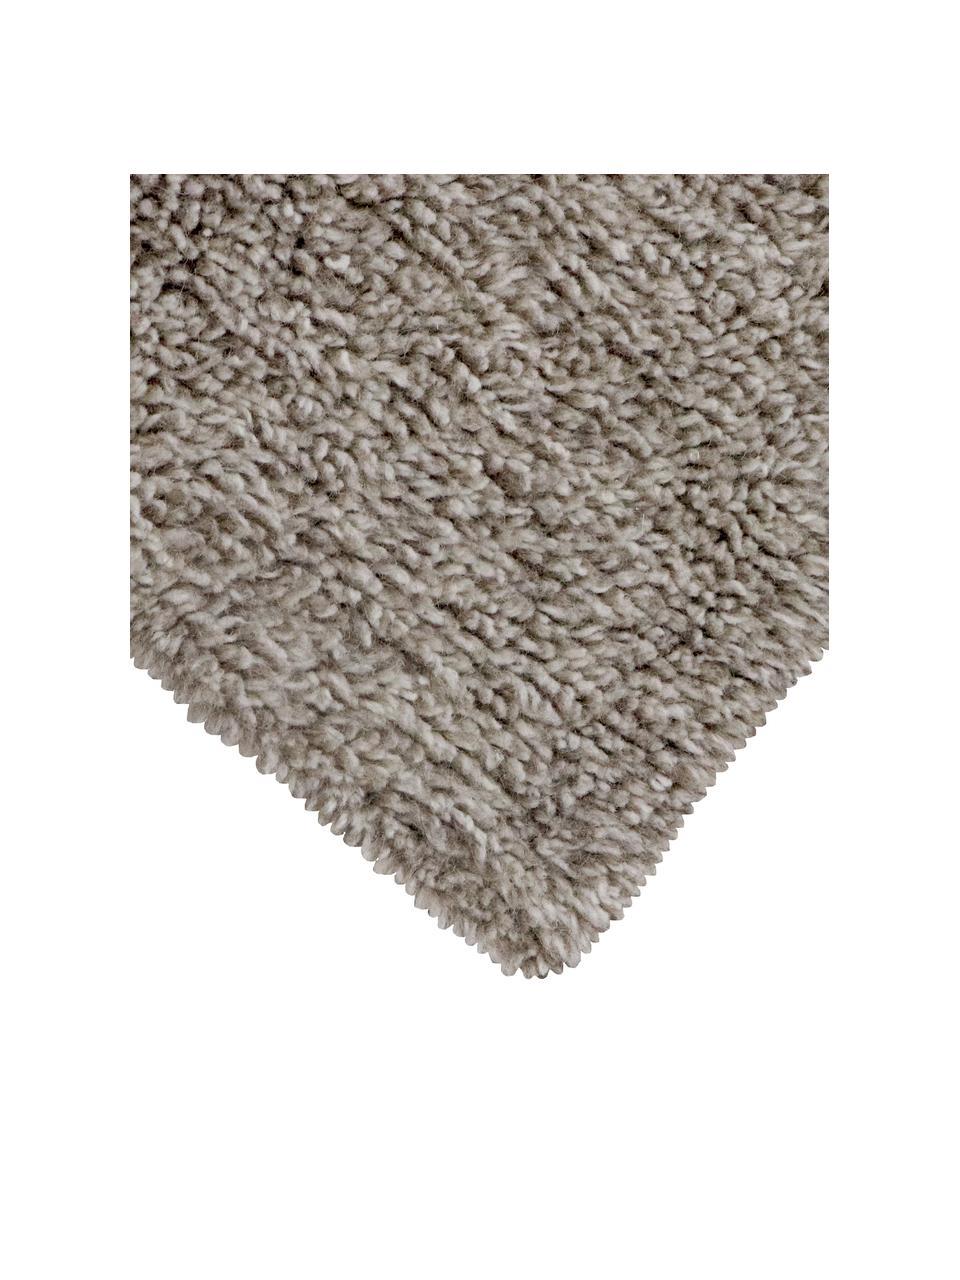 Tappeto in lana grigia lavabile fatto a mano Tundra, Retro: cotone riciclato Nel caso, Grigio, Larg. 80 x Lung. 140 cm (taglia XS)